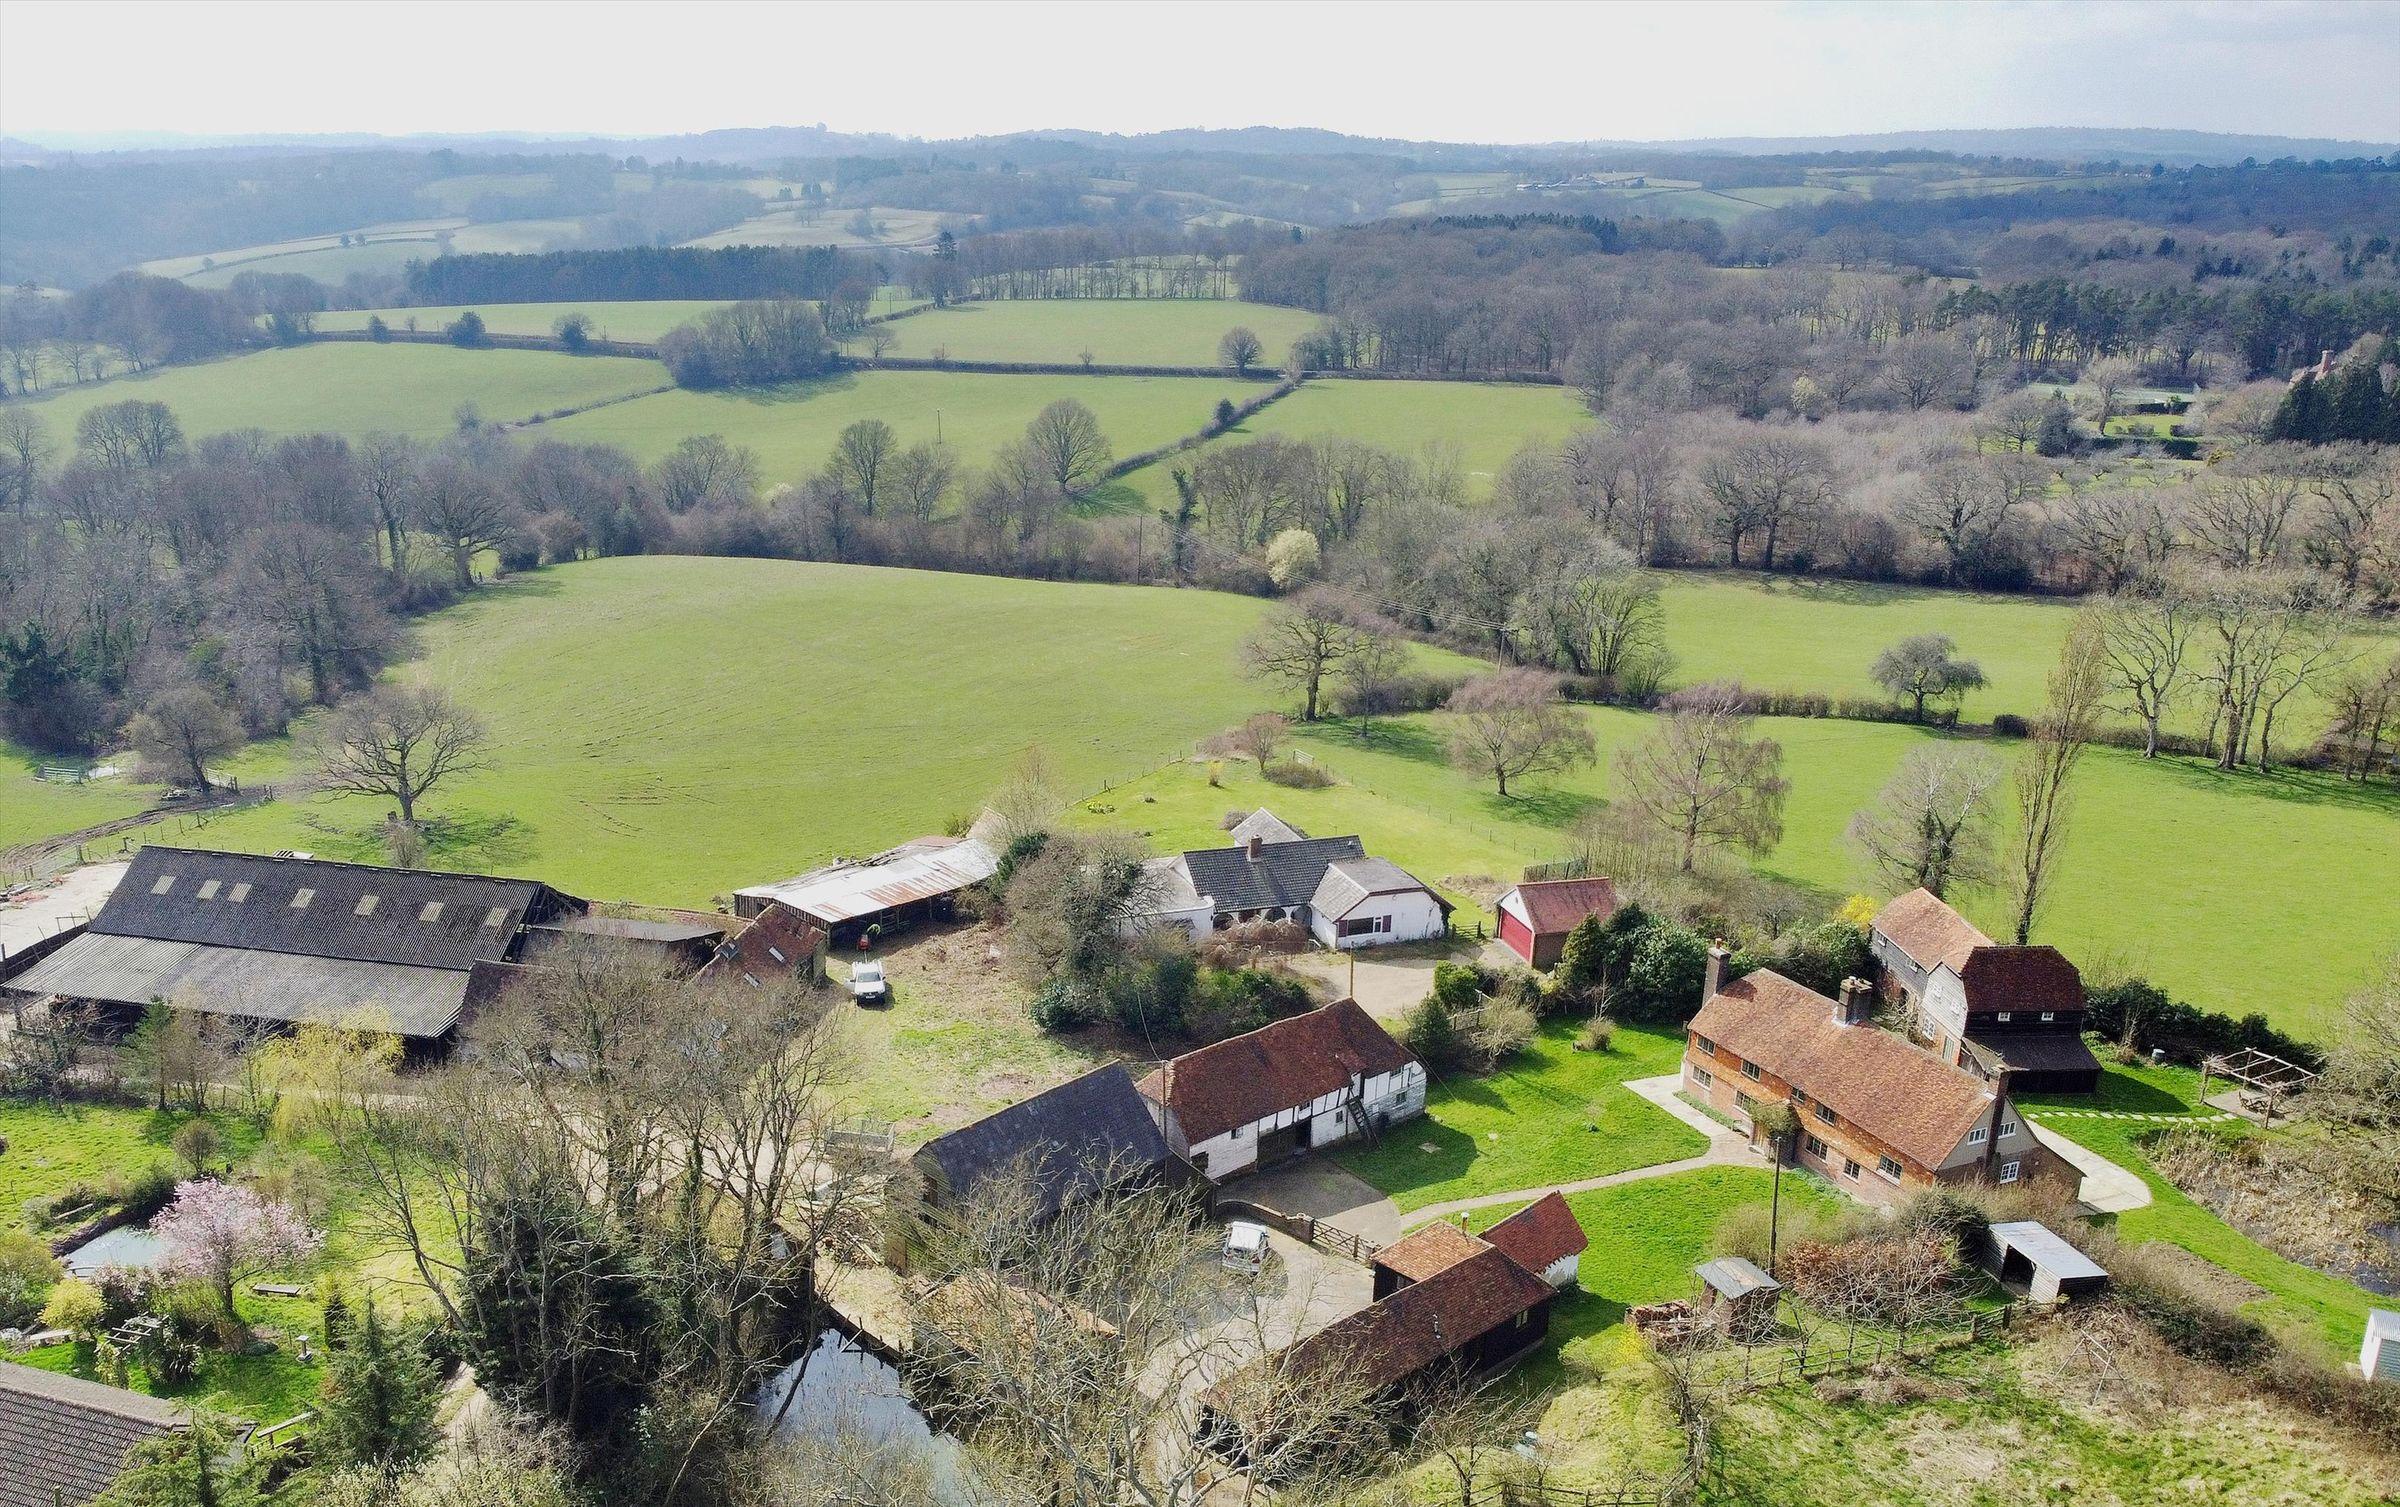 Property photo 1 of 20. Image